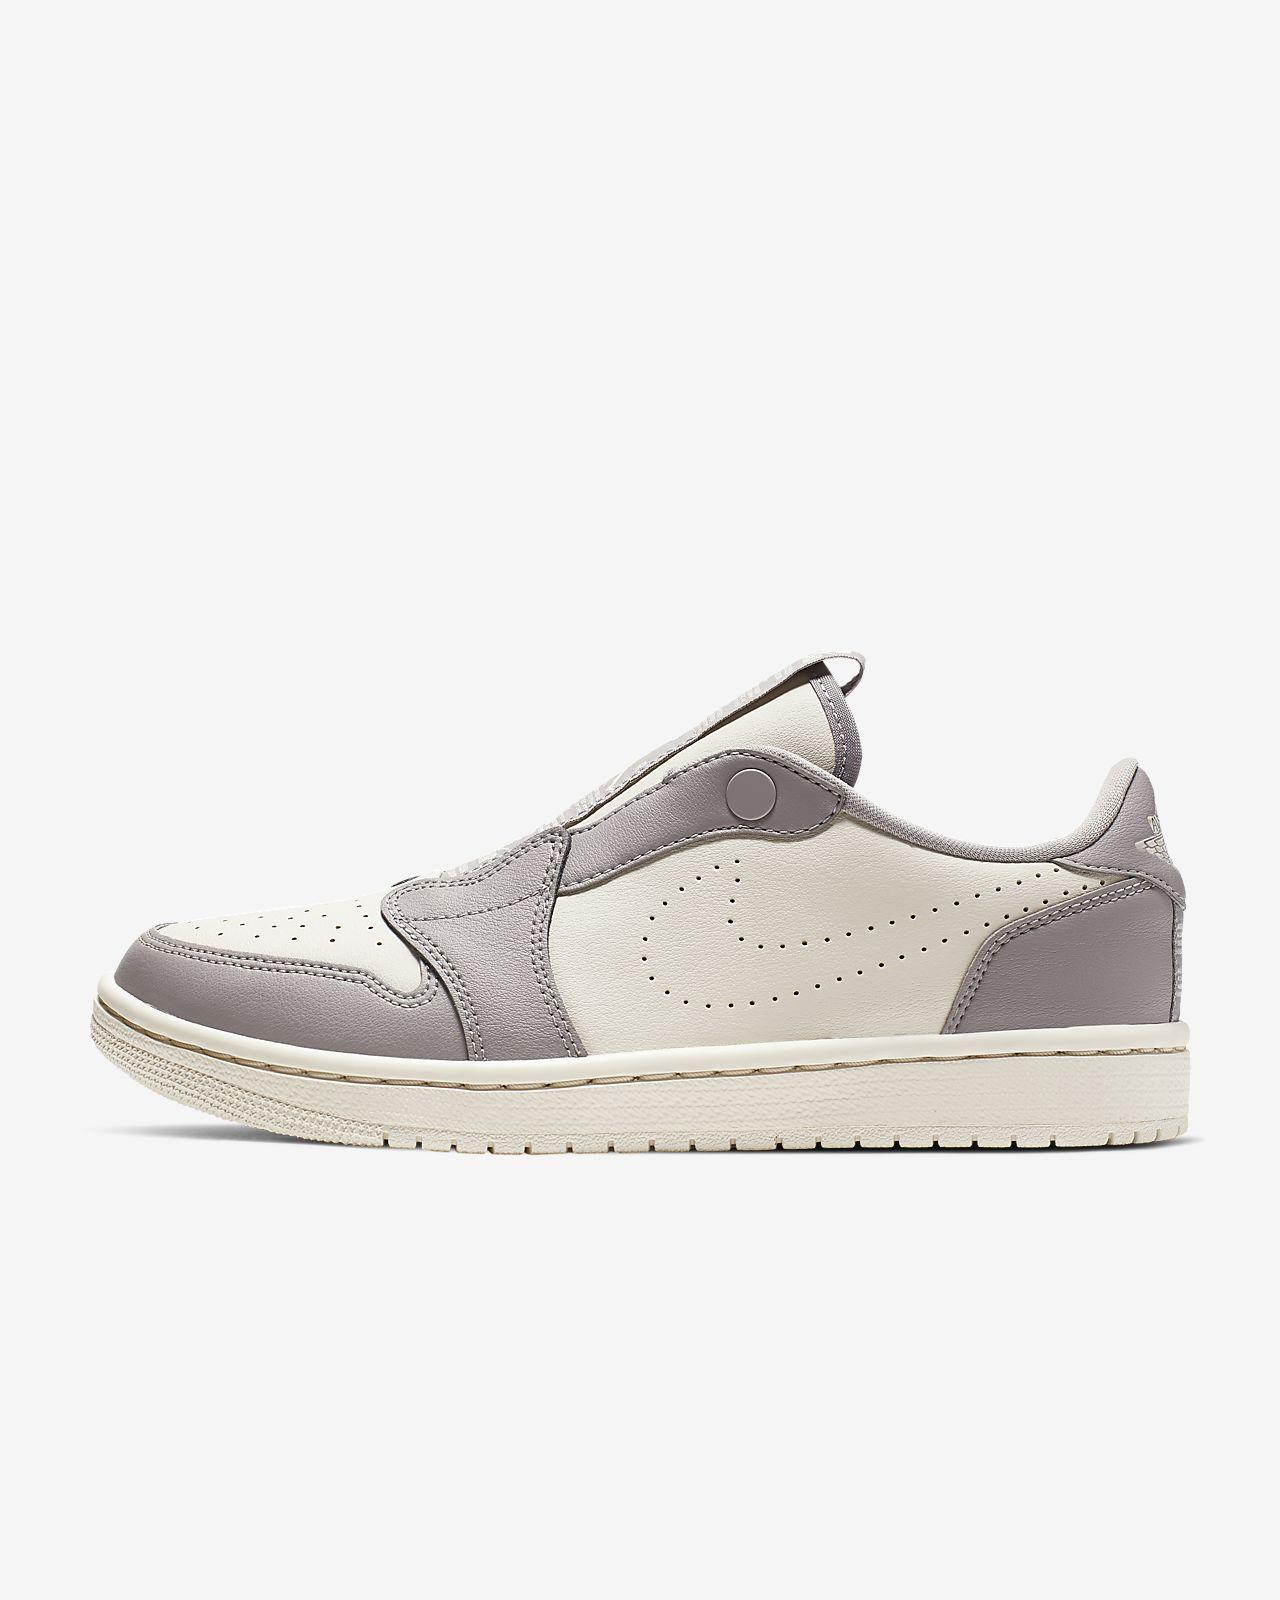 fb037cb3b Air Jordan 1 Retro Low Slip Women s Shoe. Nike.com AT